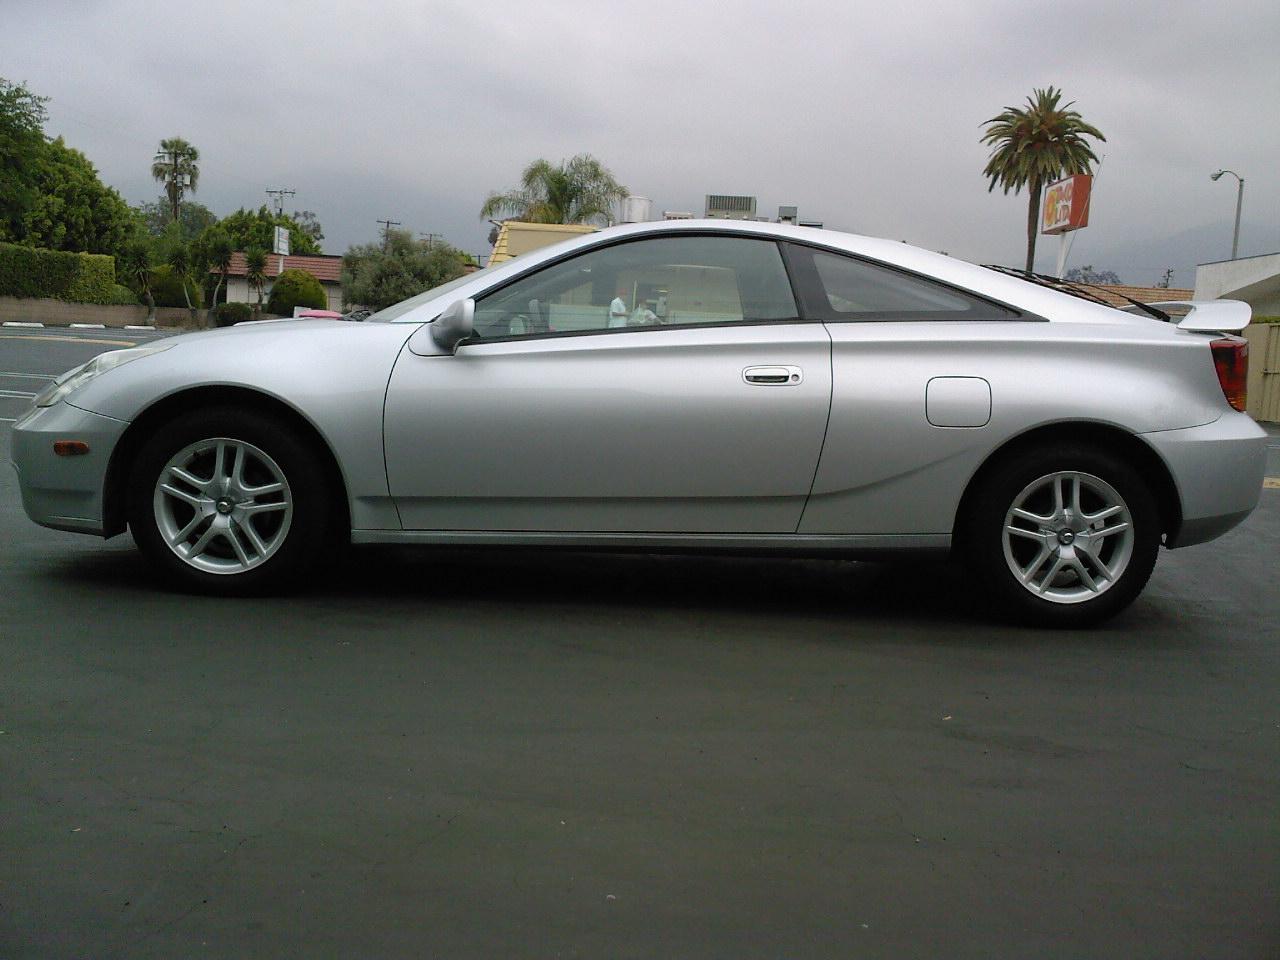 2000 Toyota Celica Pictures Cargurus